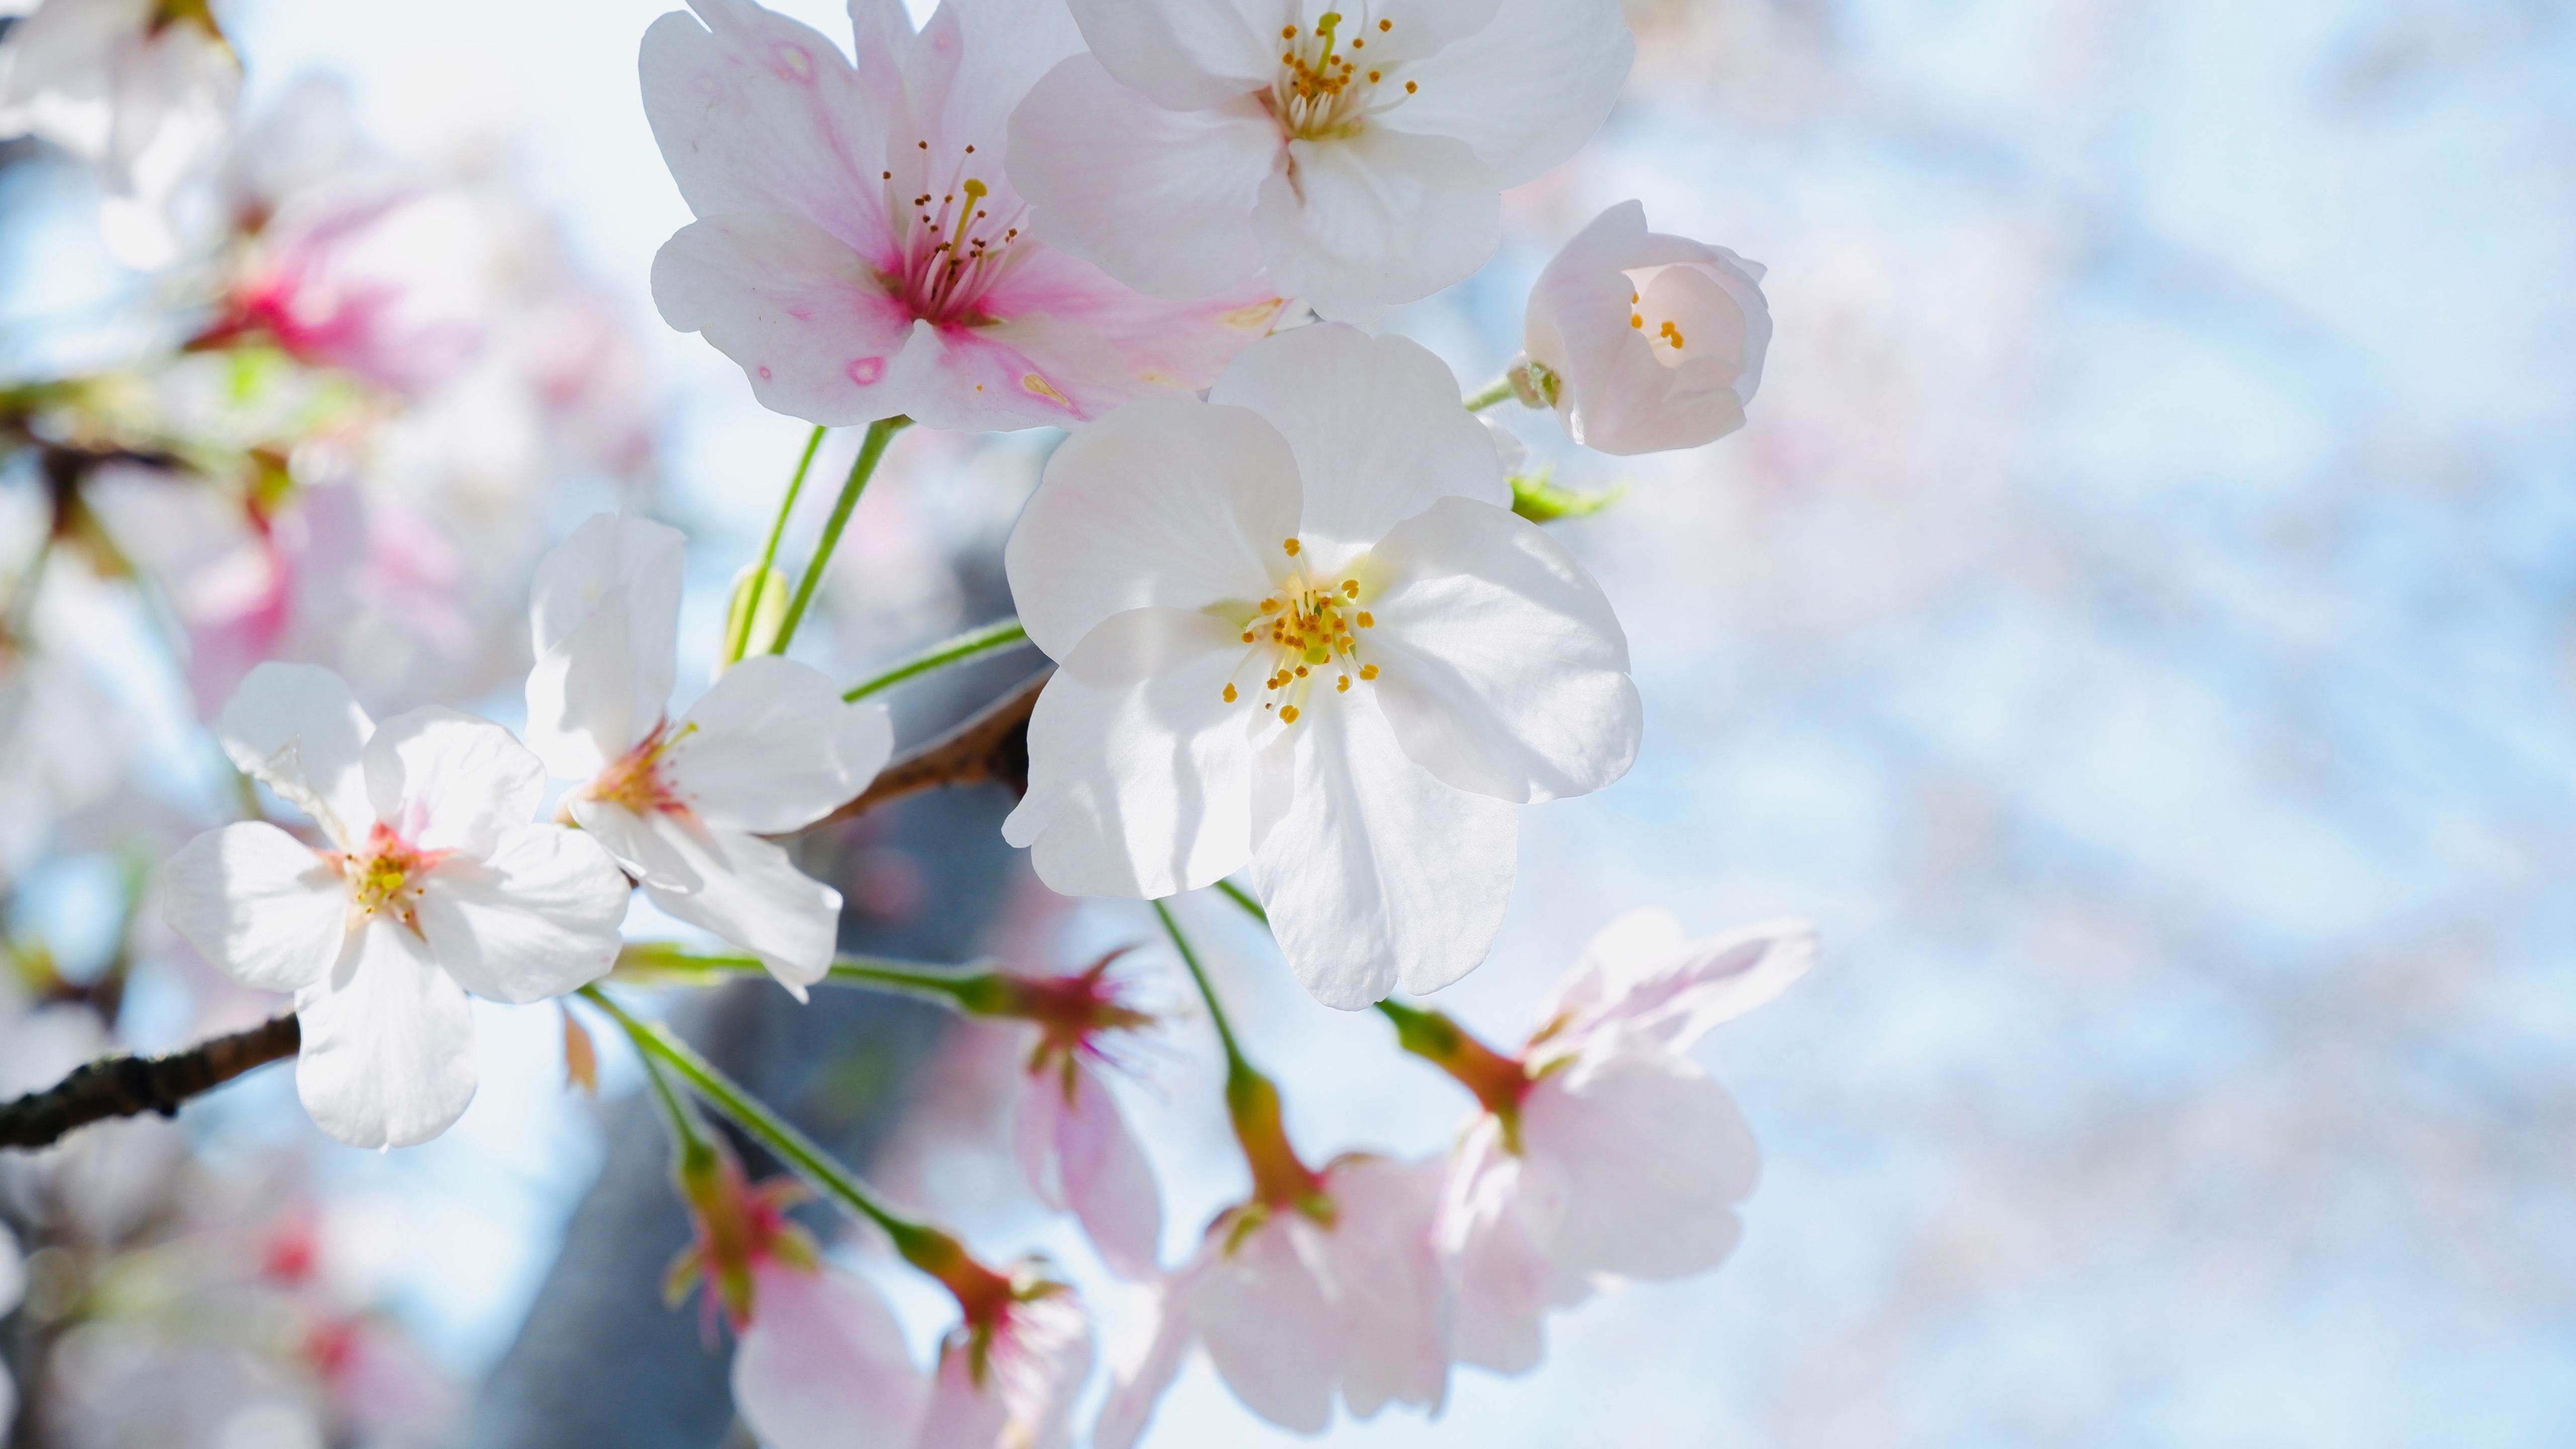 小清新,清新淡雅,,,洁白樱花,,清新,,